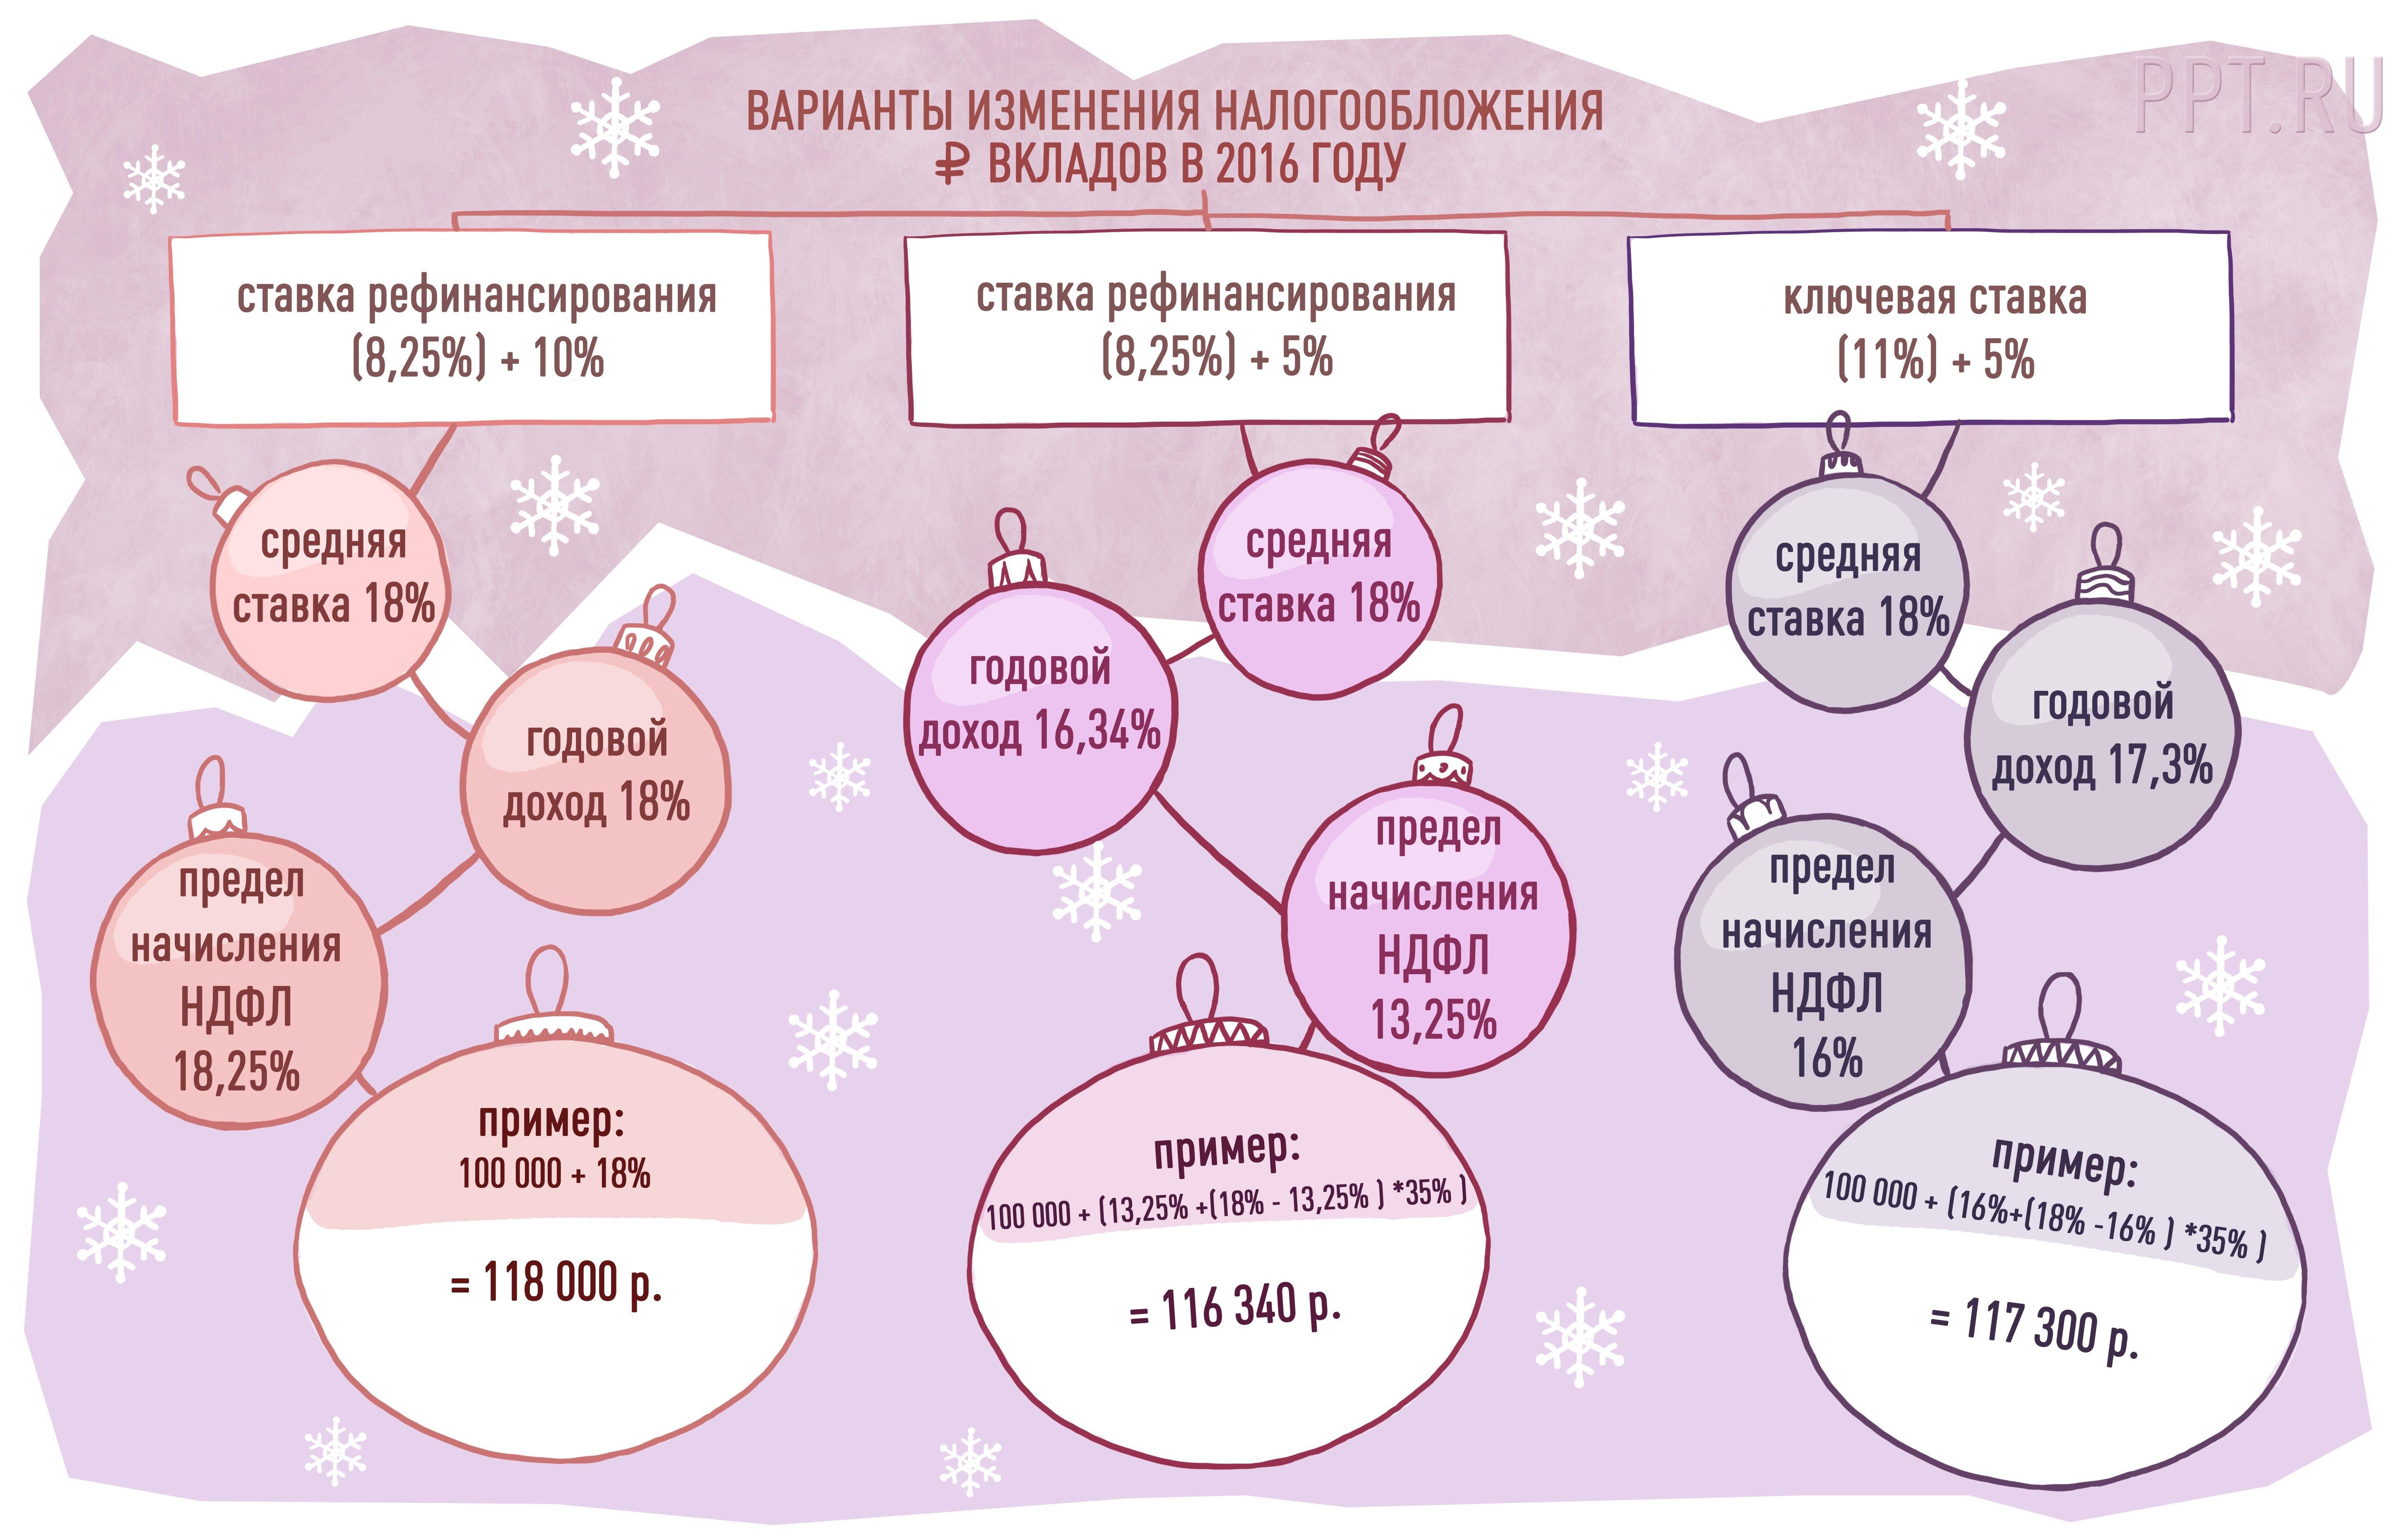 Облагаются ли проценты по вкладам ндфл характеристику с места работы в суд Костромская улица